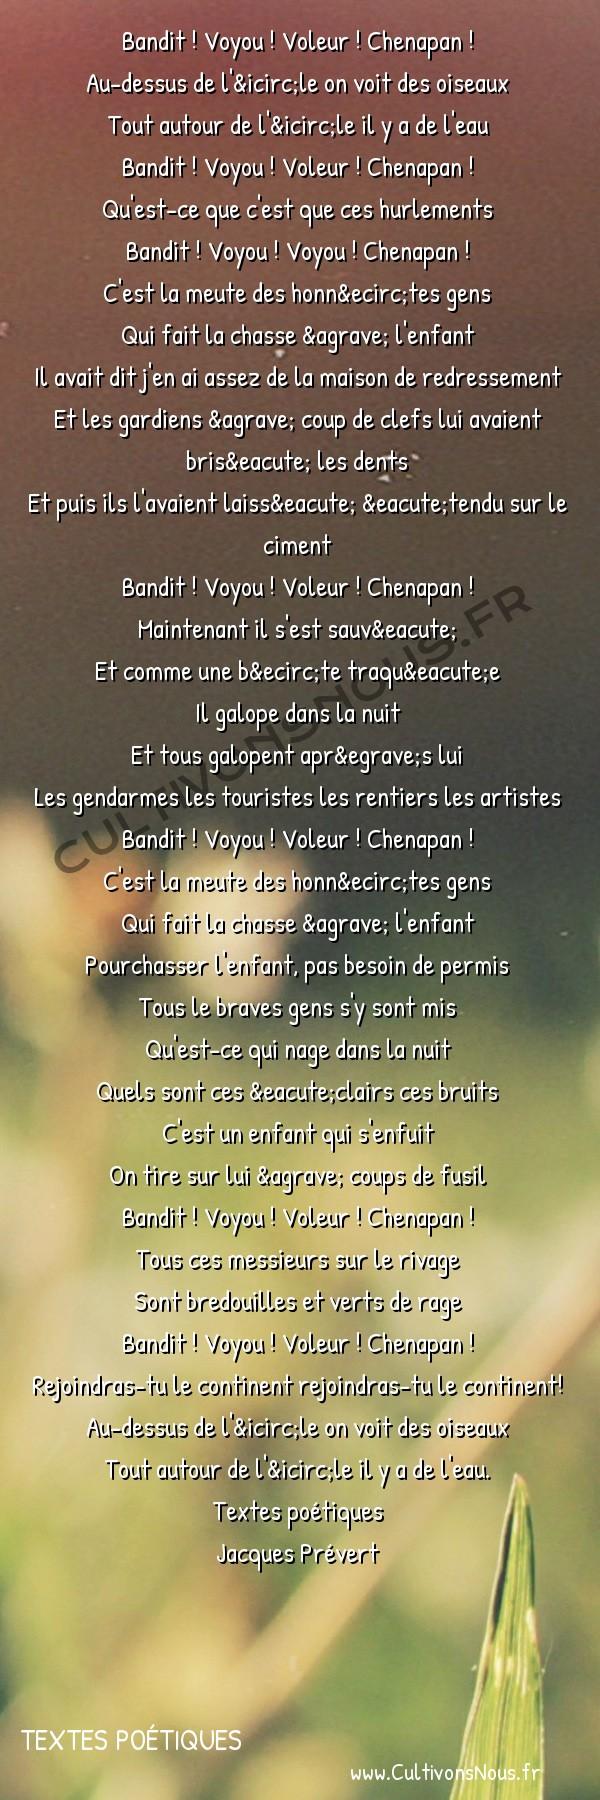 Poésie Jacques Prevert - Textes poétiques - Chasse à l' enfant -  Bandit ! Voyou ! Voleur ! Chenapan ! Au-dessus de l'île on voit des oiseaux